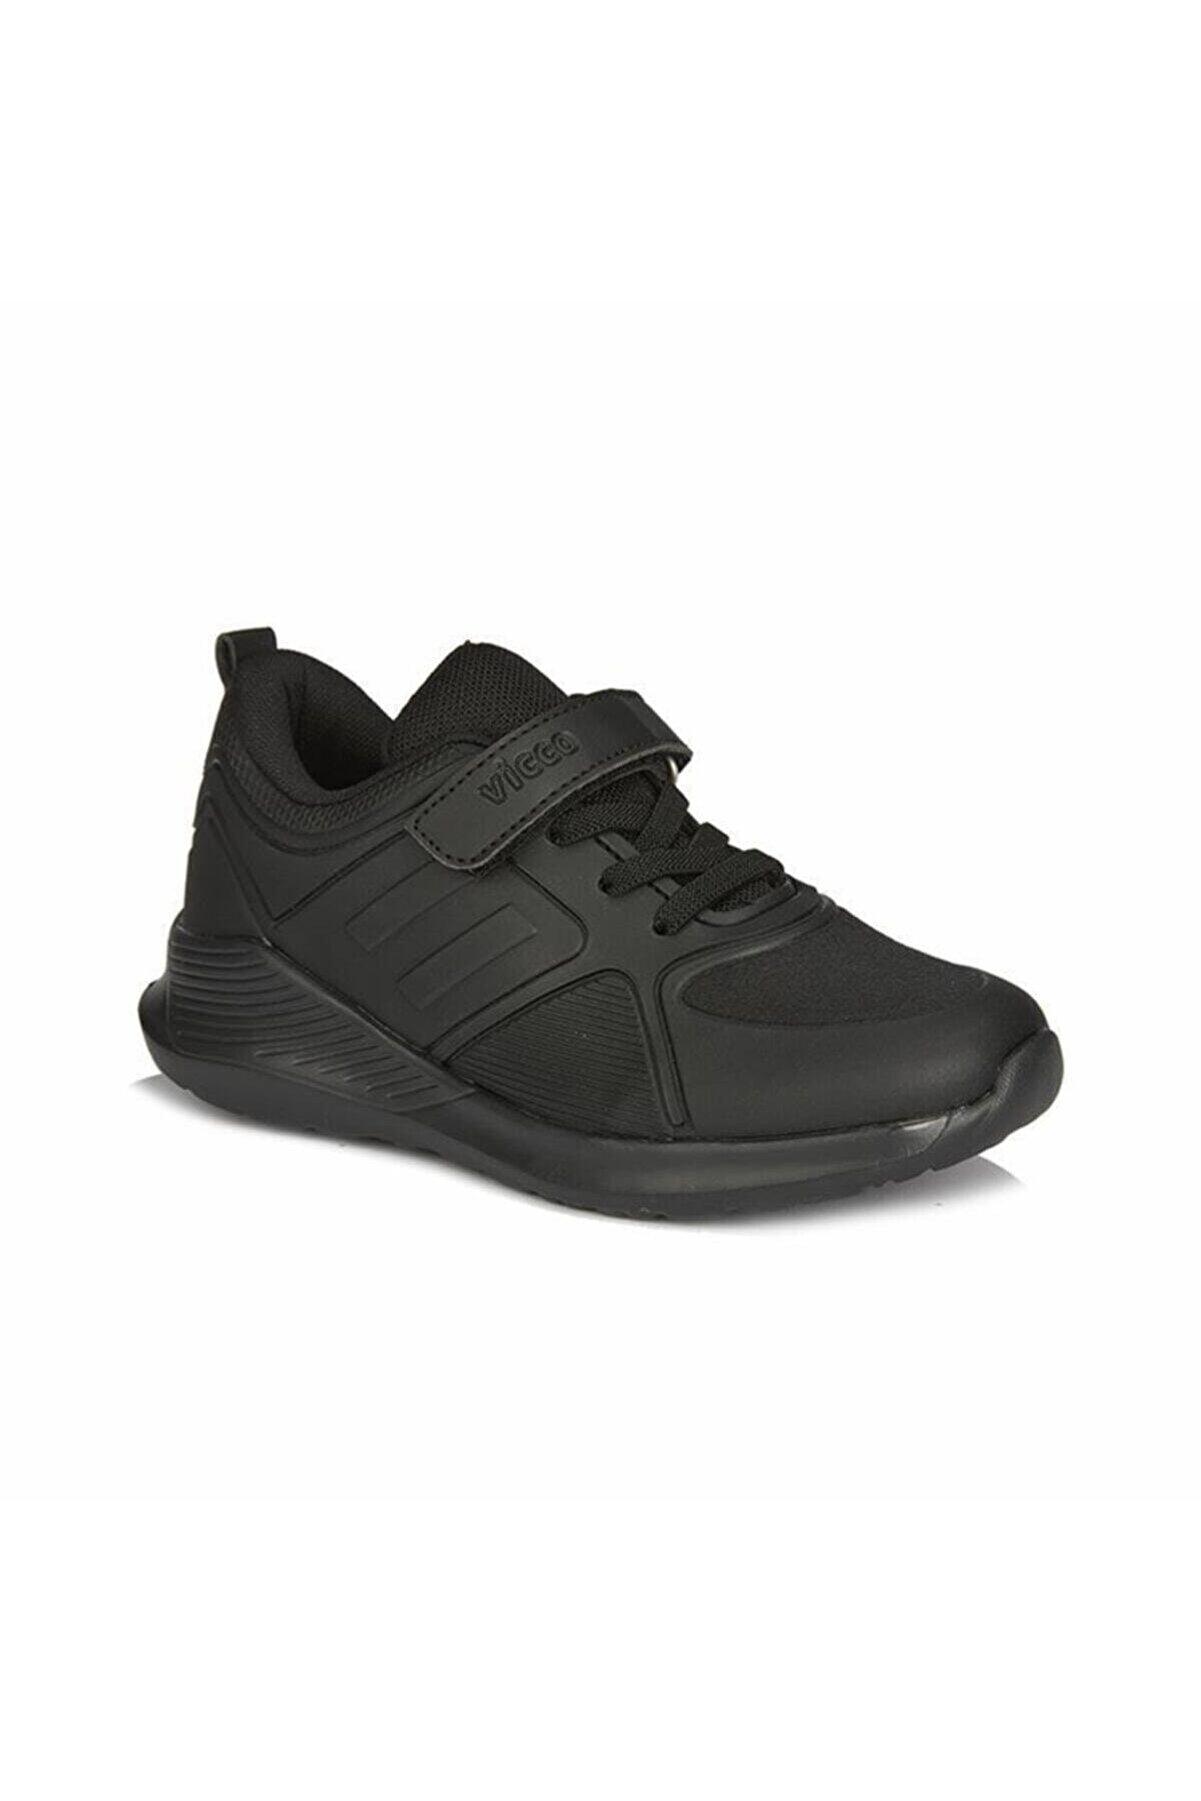 Vicco Erkek Çocuk Siyah Okul Ayakkabısı 346 20k 164